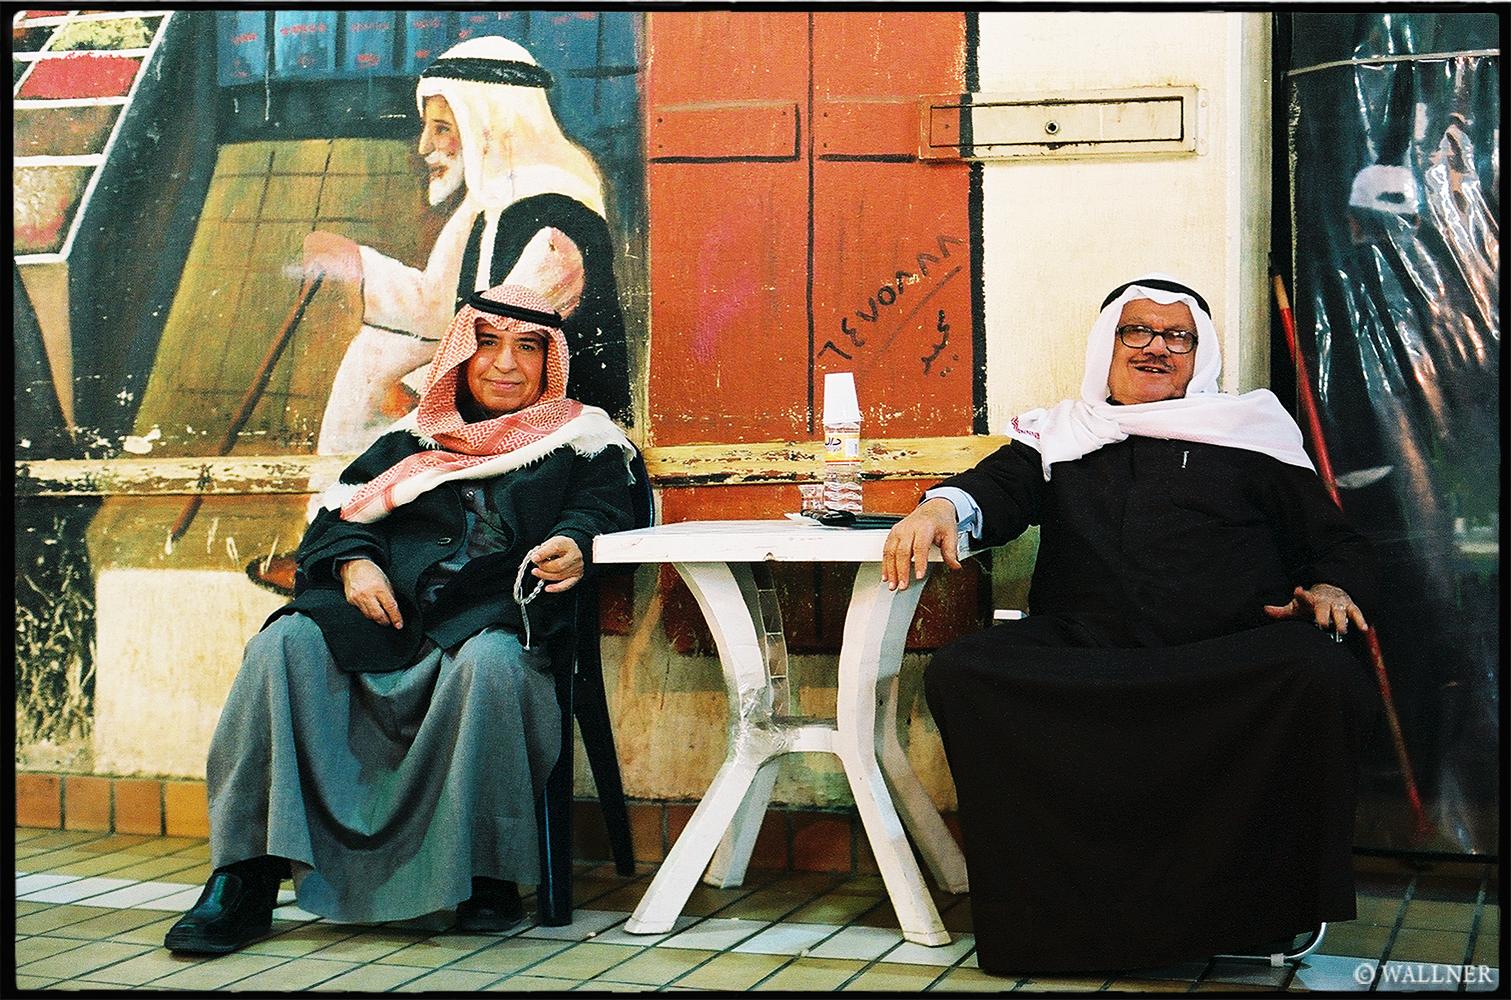 35mmPatrikWallner_Kuwait_FriendlyArabsLOWQ